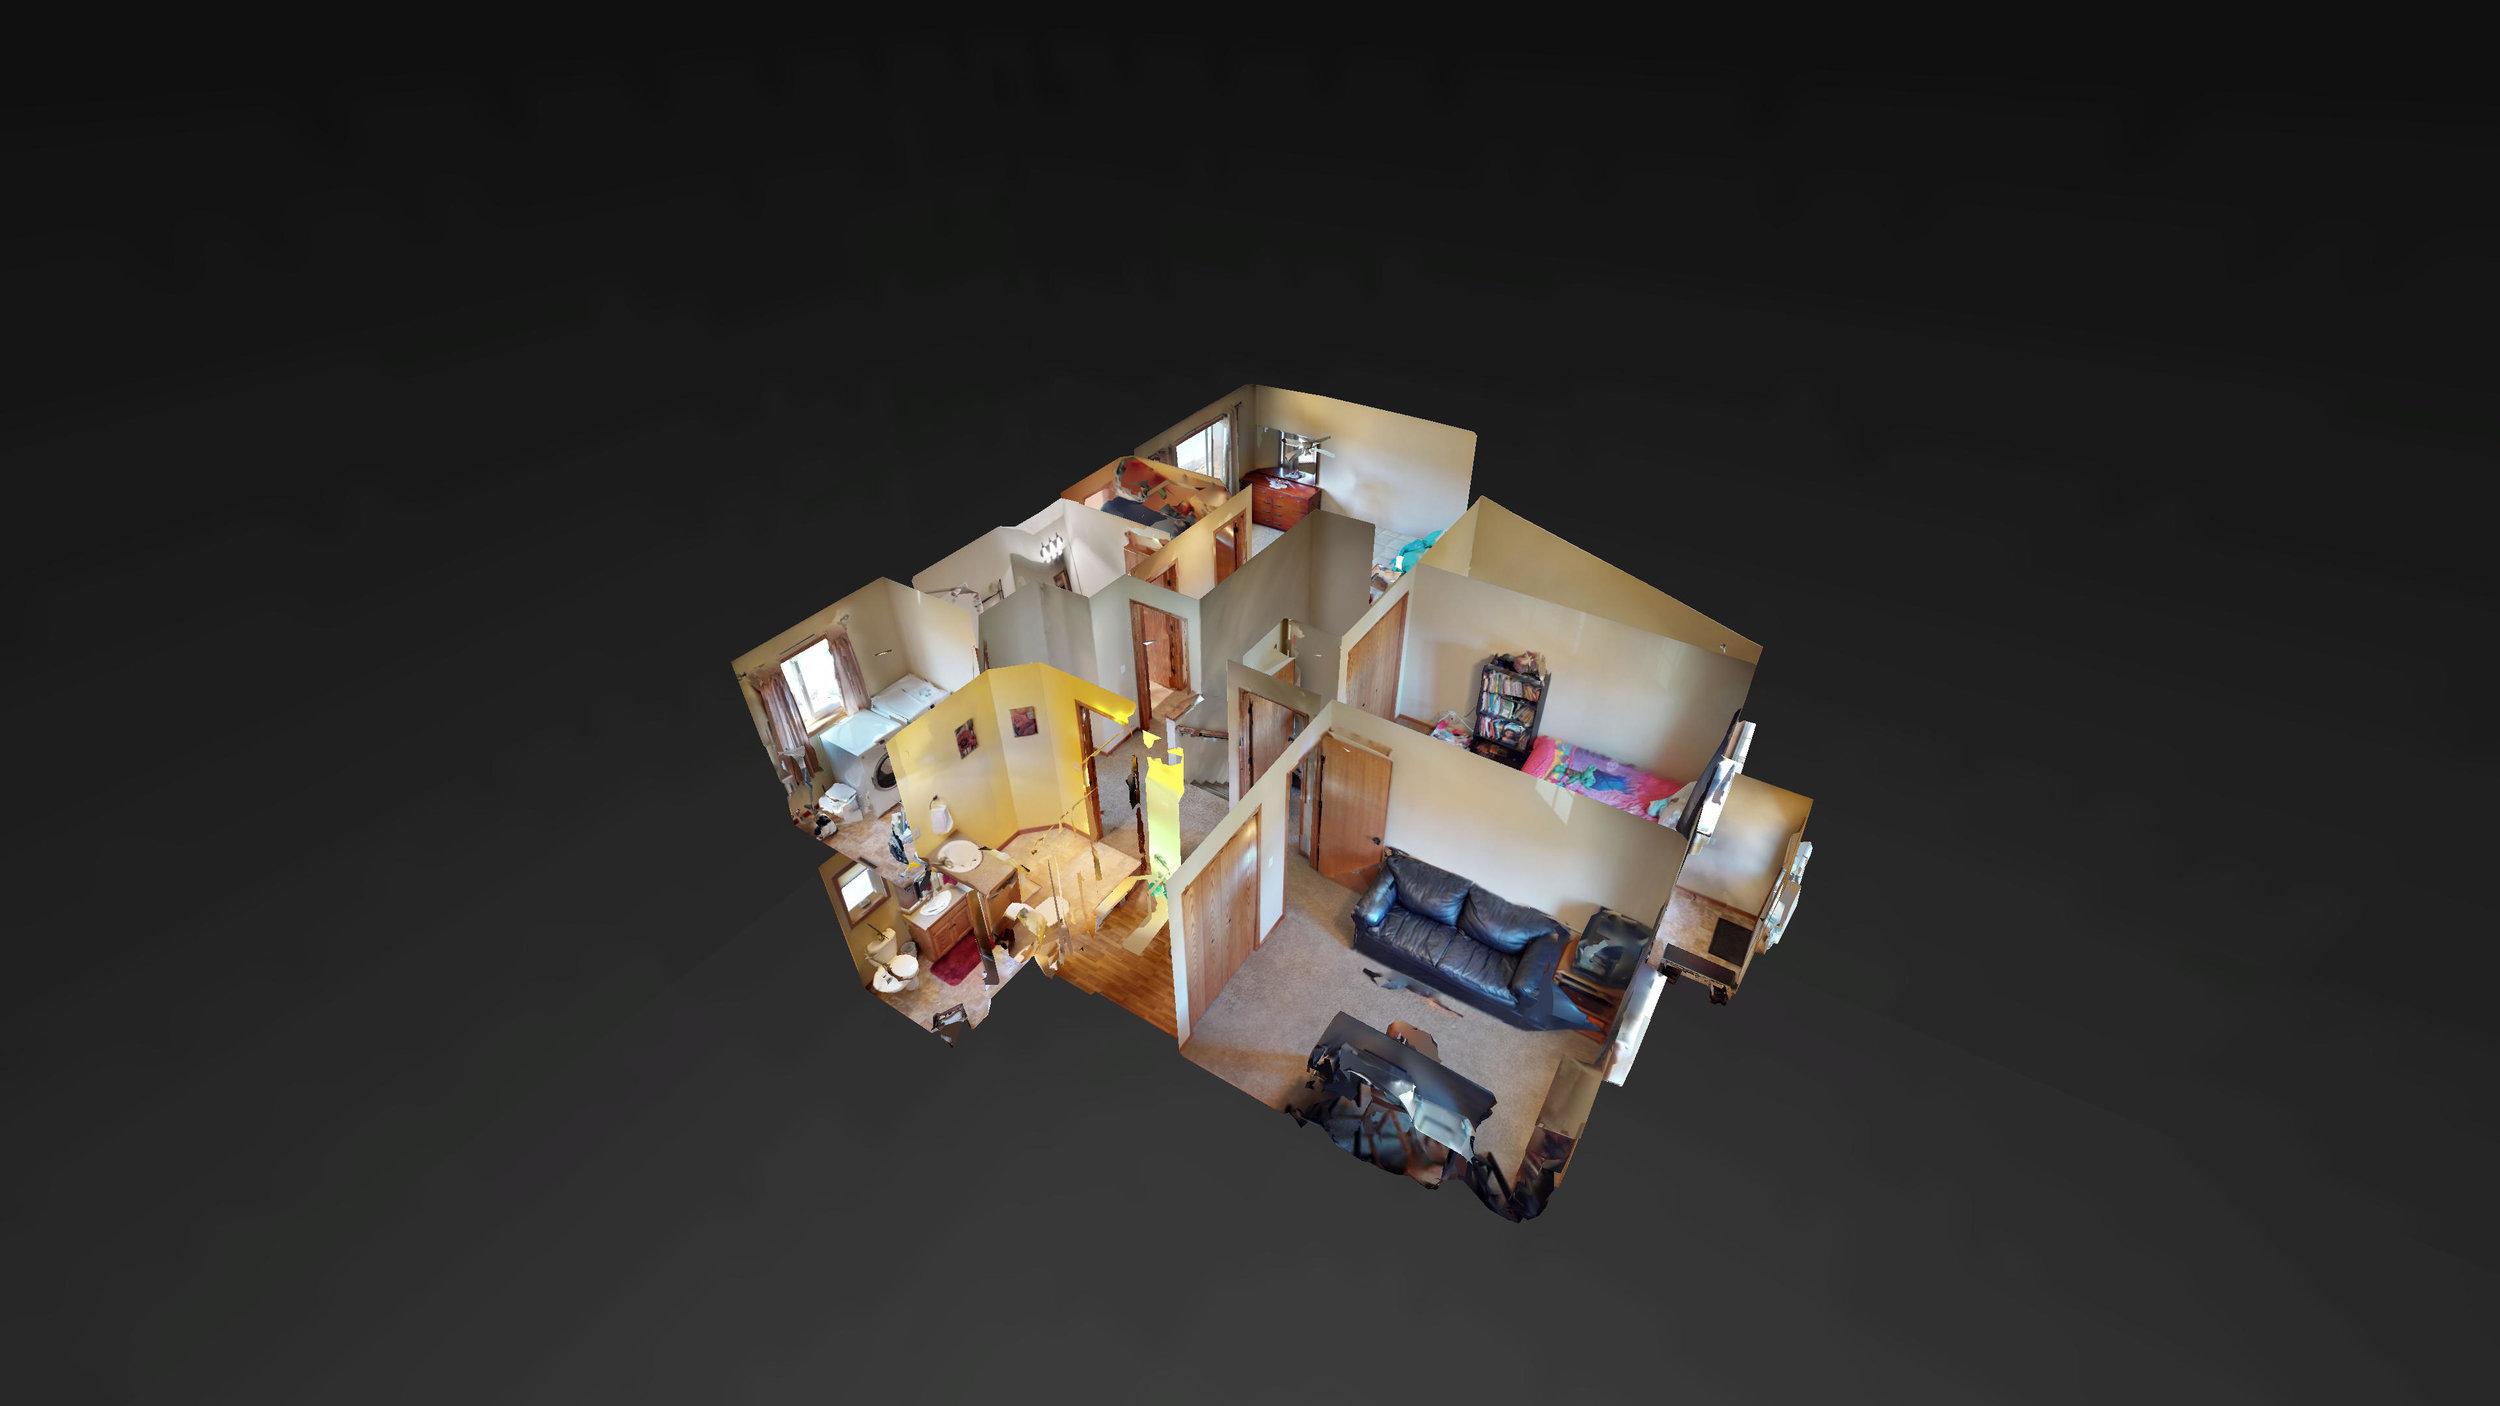 WhtL18HcUod - 3D Tour.jpg